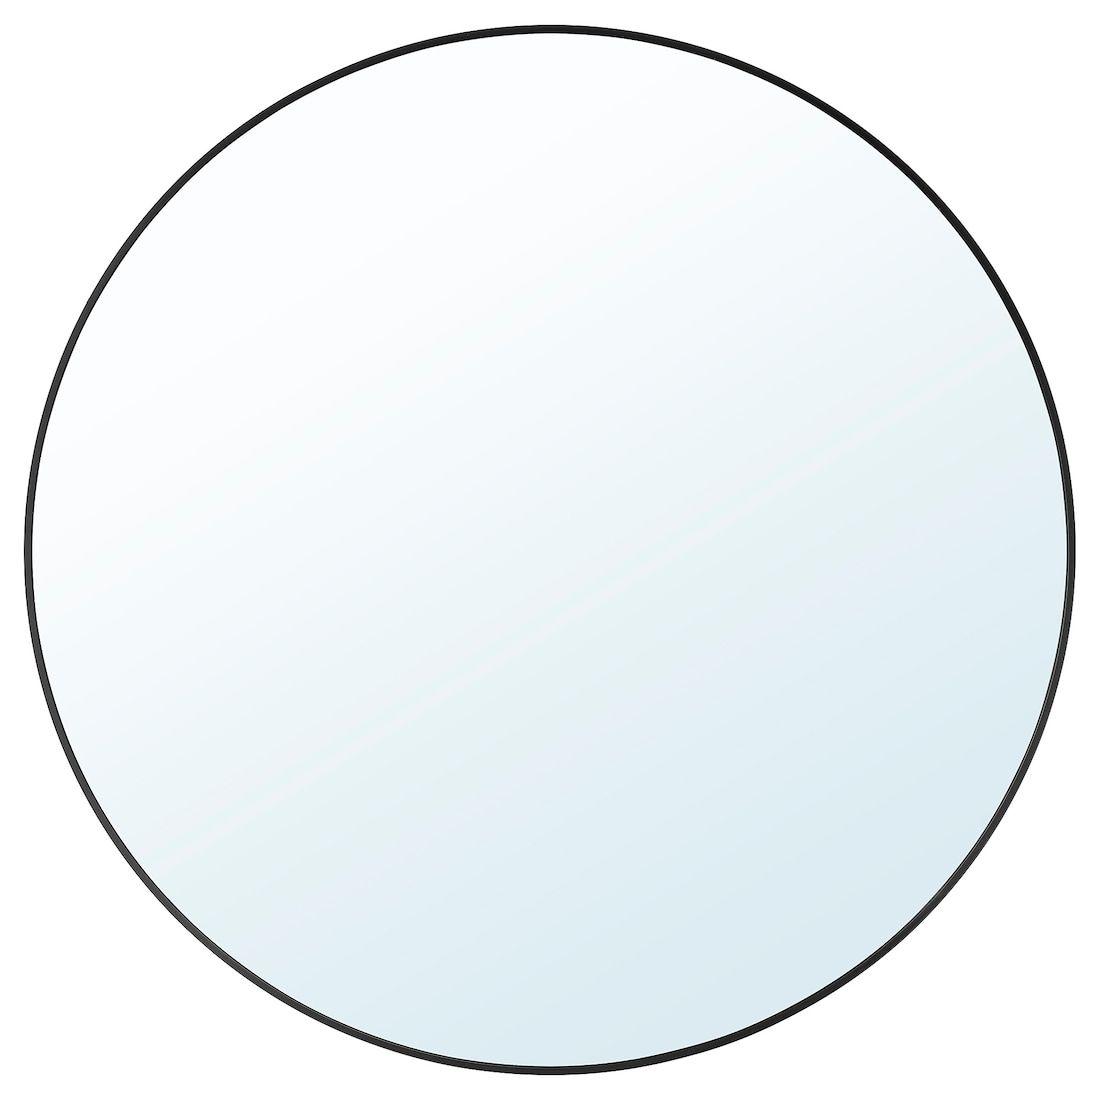 Lindbyn Mirror Black Ikea 31 5 Round For 50 Black Round Mirror Round Mirror Bathroom Ikea Mirror [ 1100 x 1100 Pixel ]